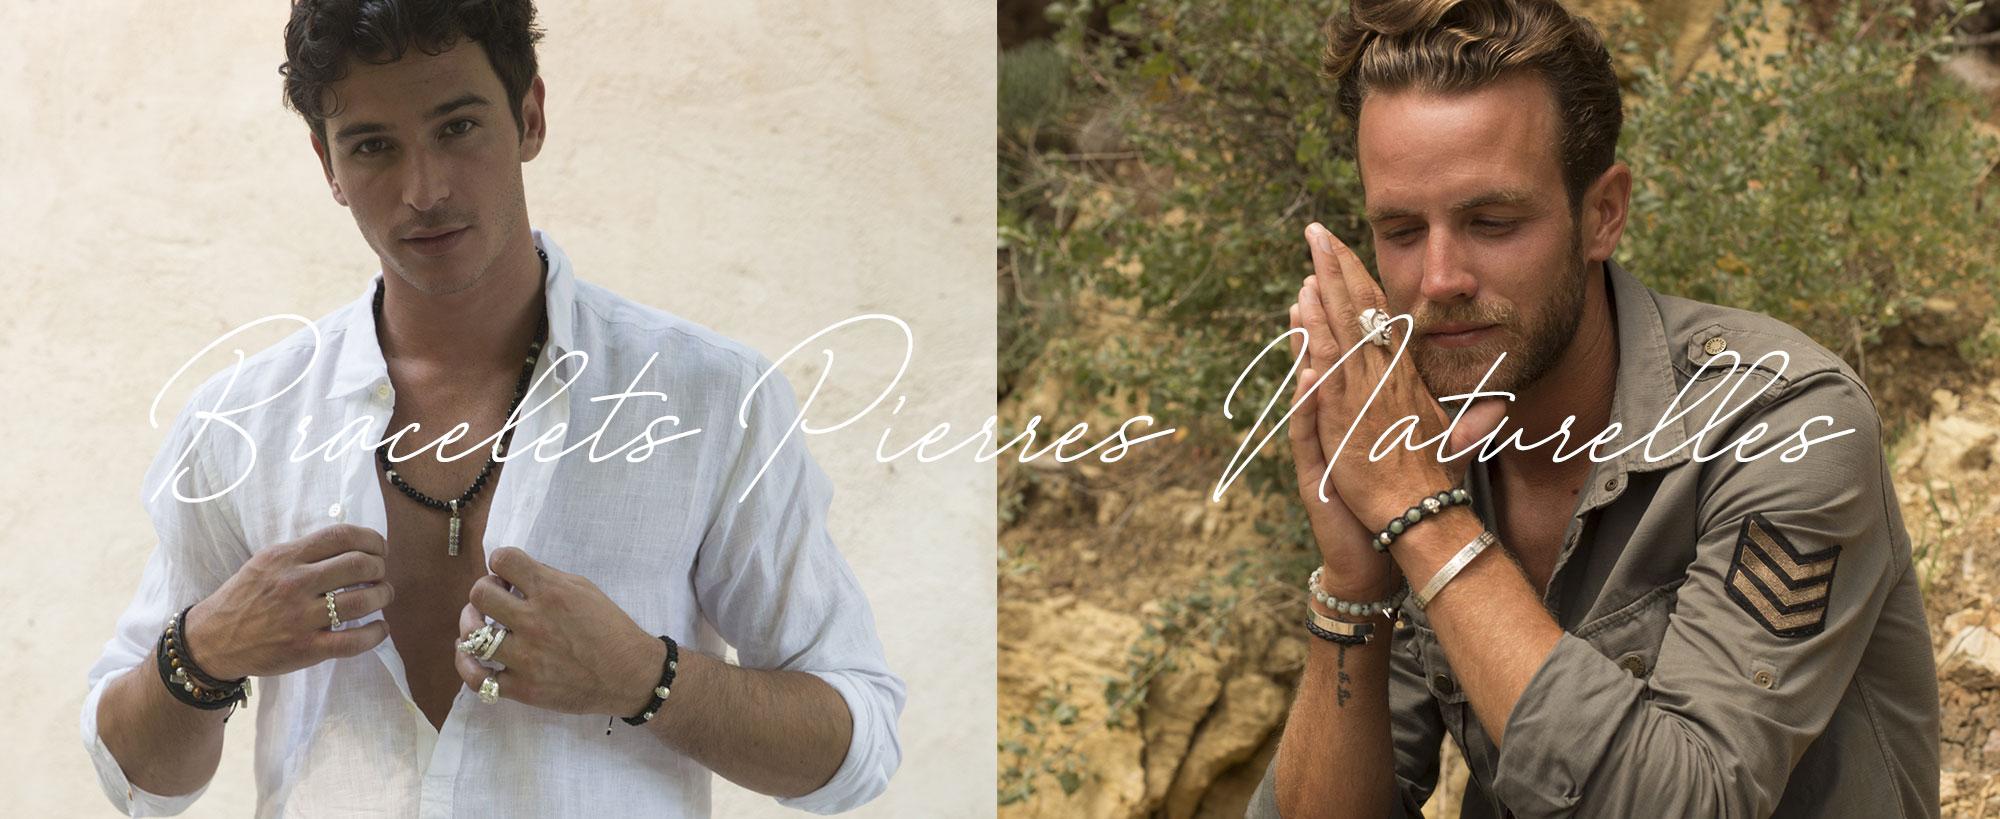 bracelets-hommes-pierres-naturelles-perle-de-jade